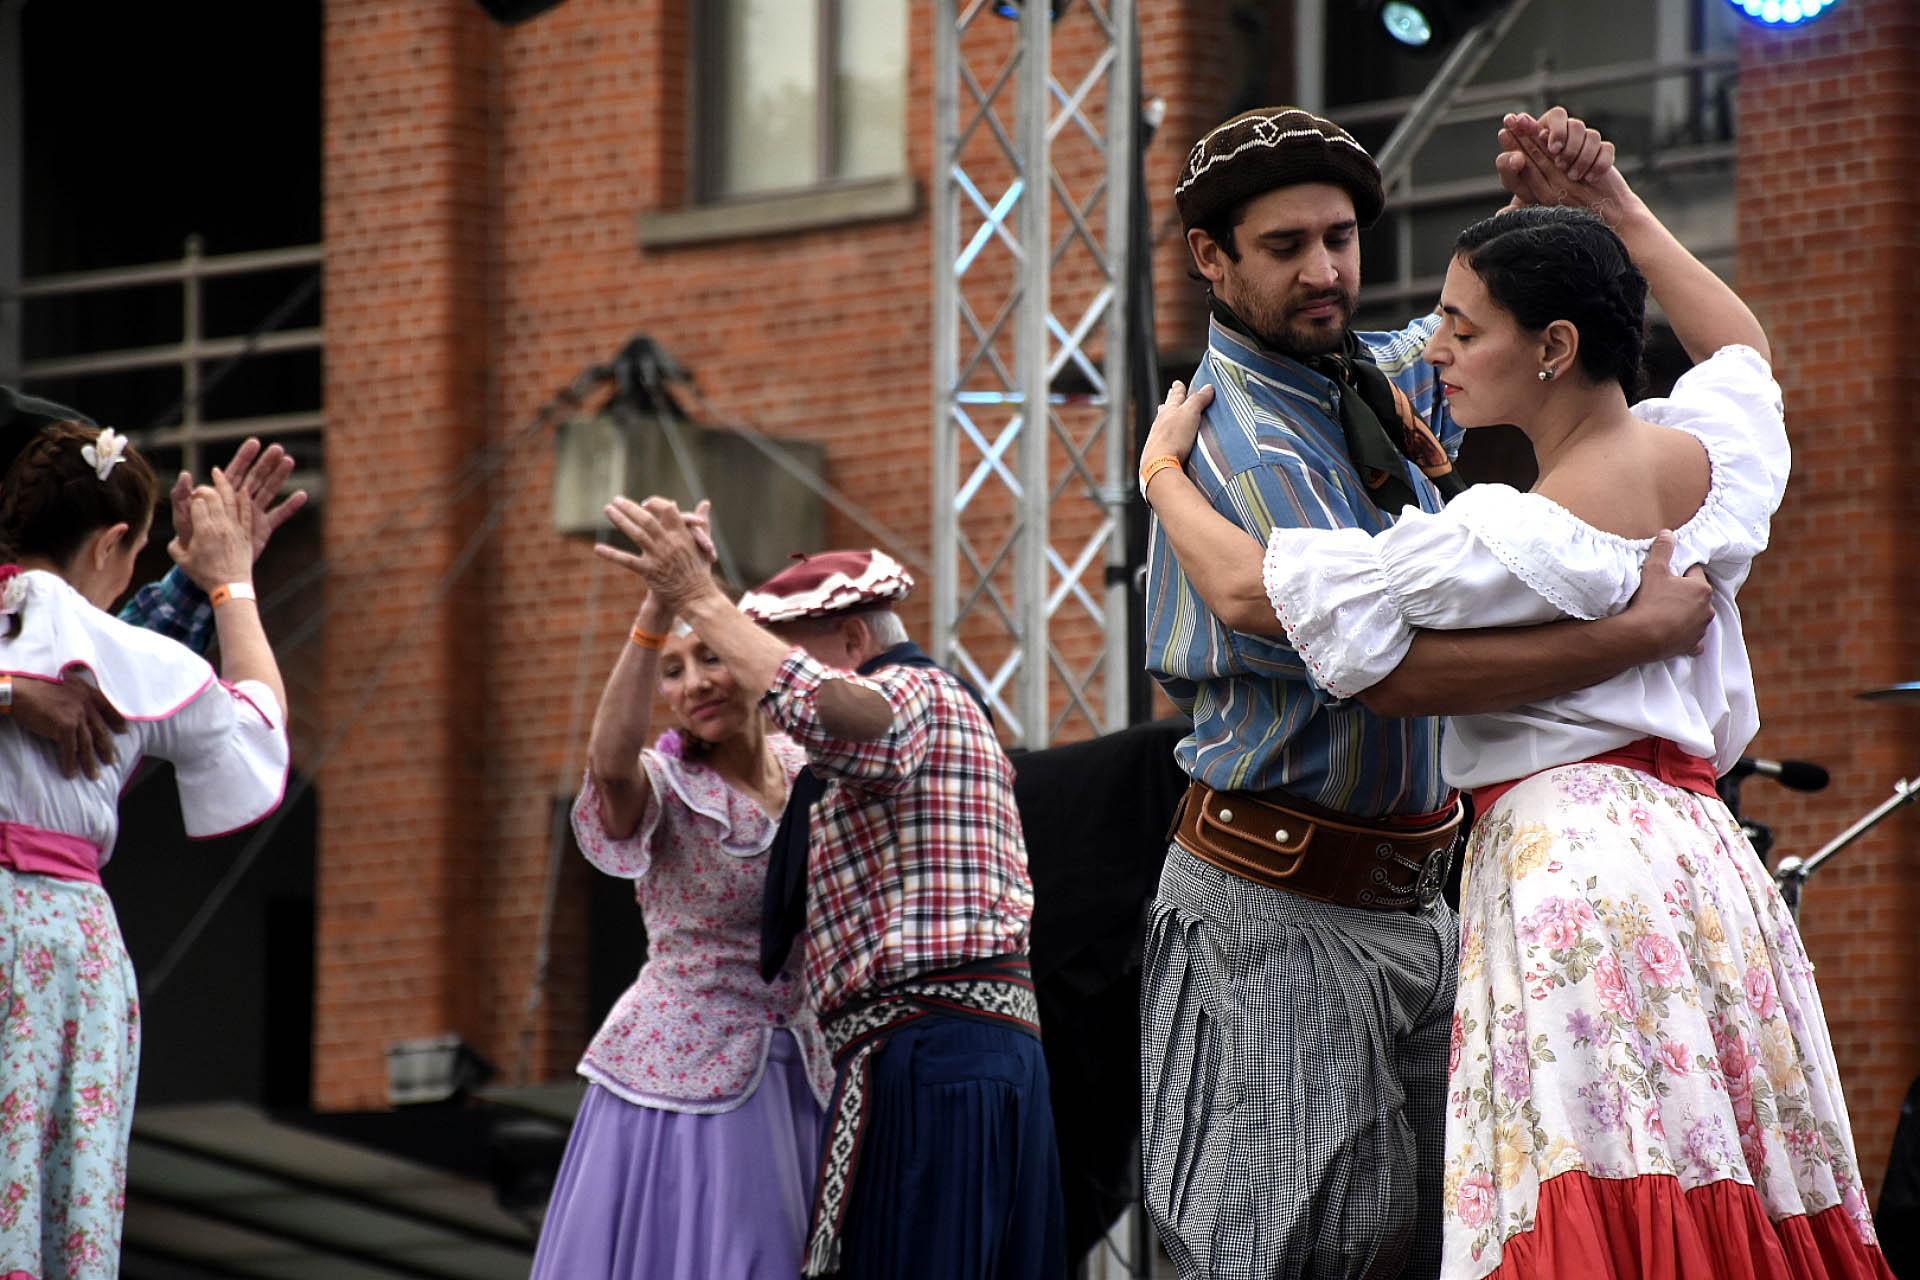 El festival trajo tradiciones del Norte, Litoral, Centro, Cuyo y Patagonia